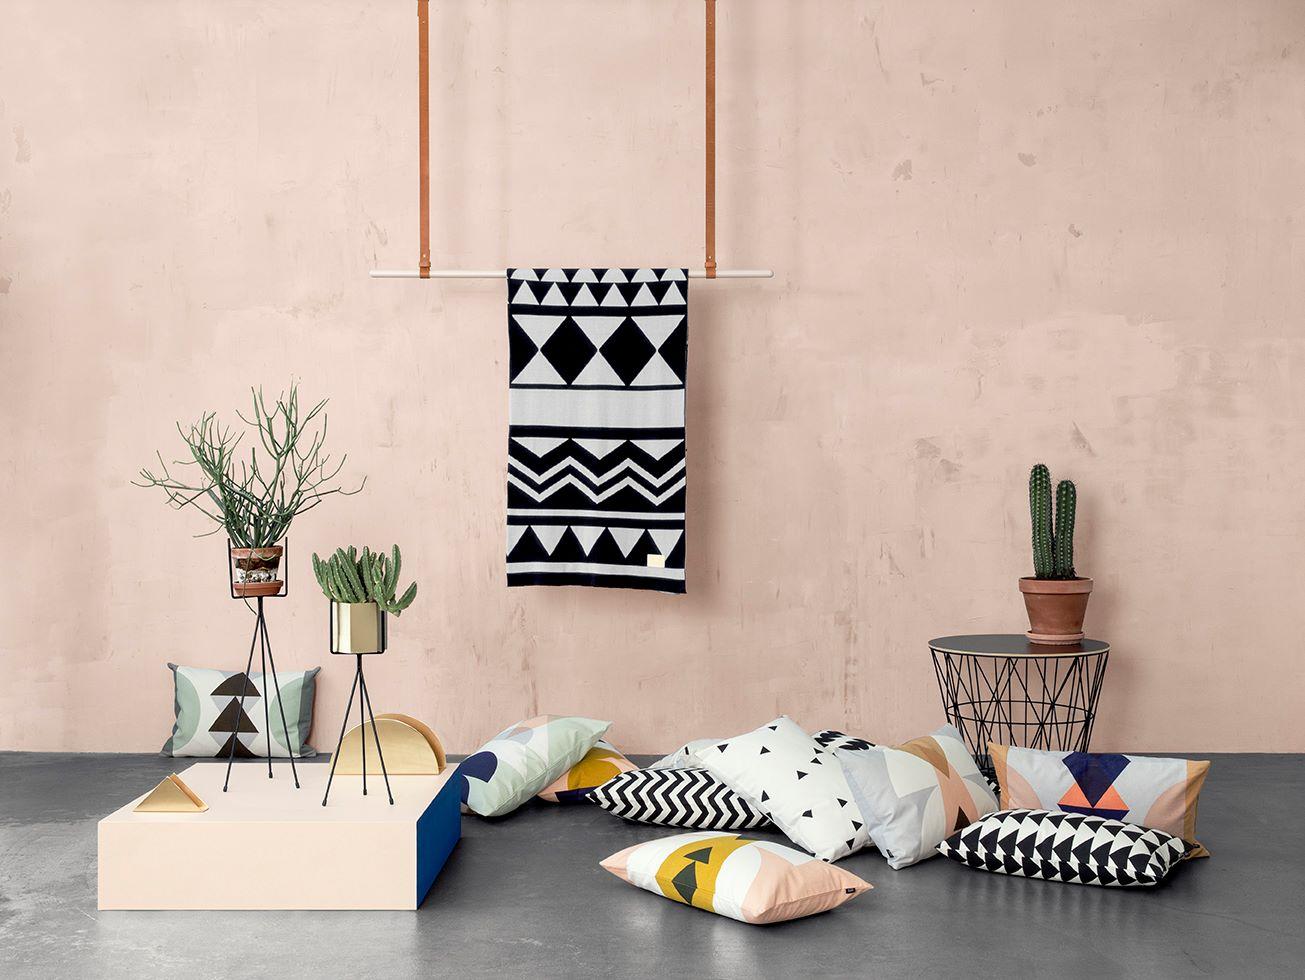 boligcious-interioer-interior-home-decor-indretning-ferm-living-ss14